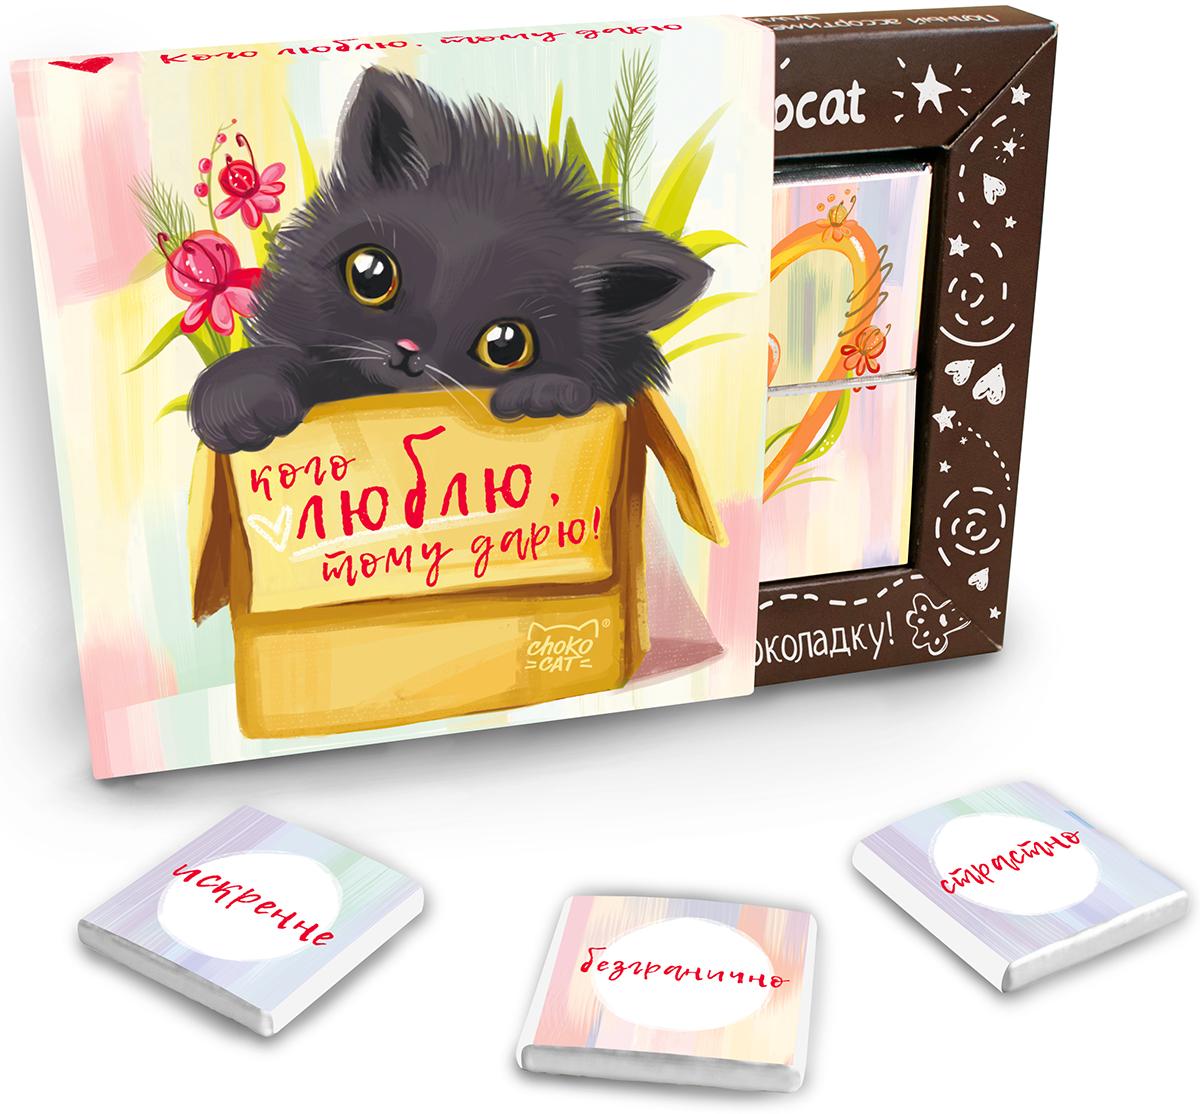 Chokocat Кого люблю тому дарю молочный шоколад, 60 г chokocat с днем рождения темный шоколад 85 г